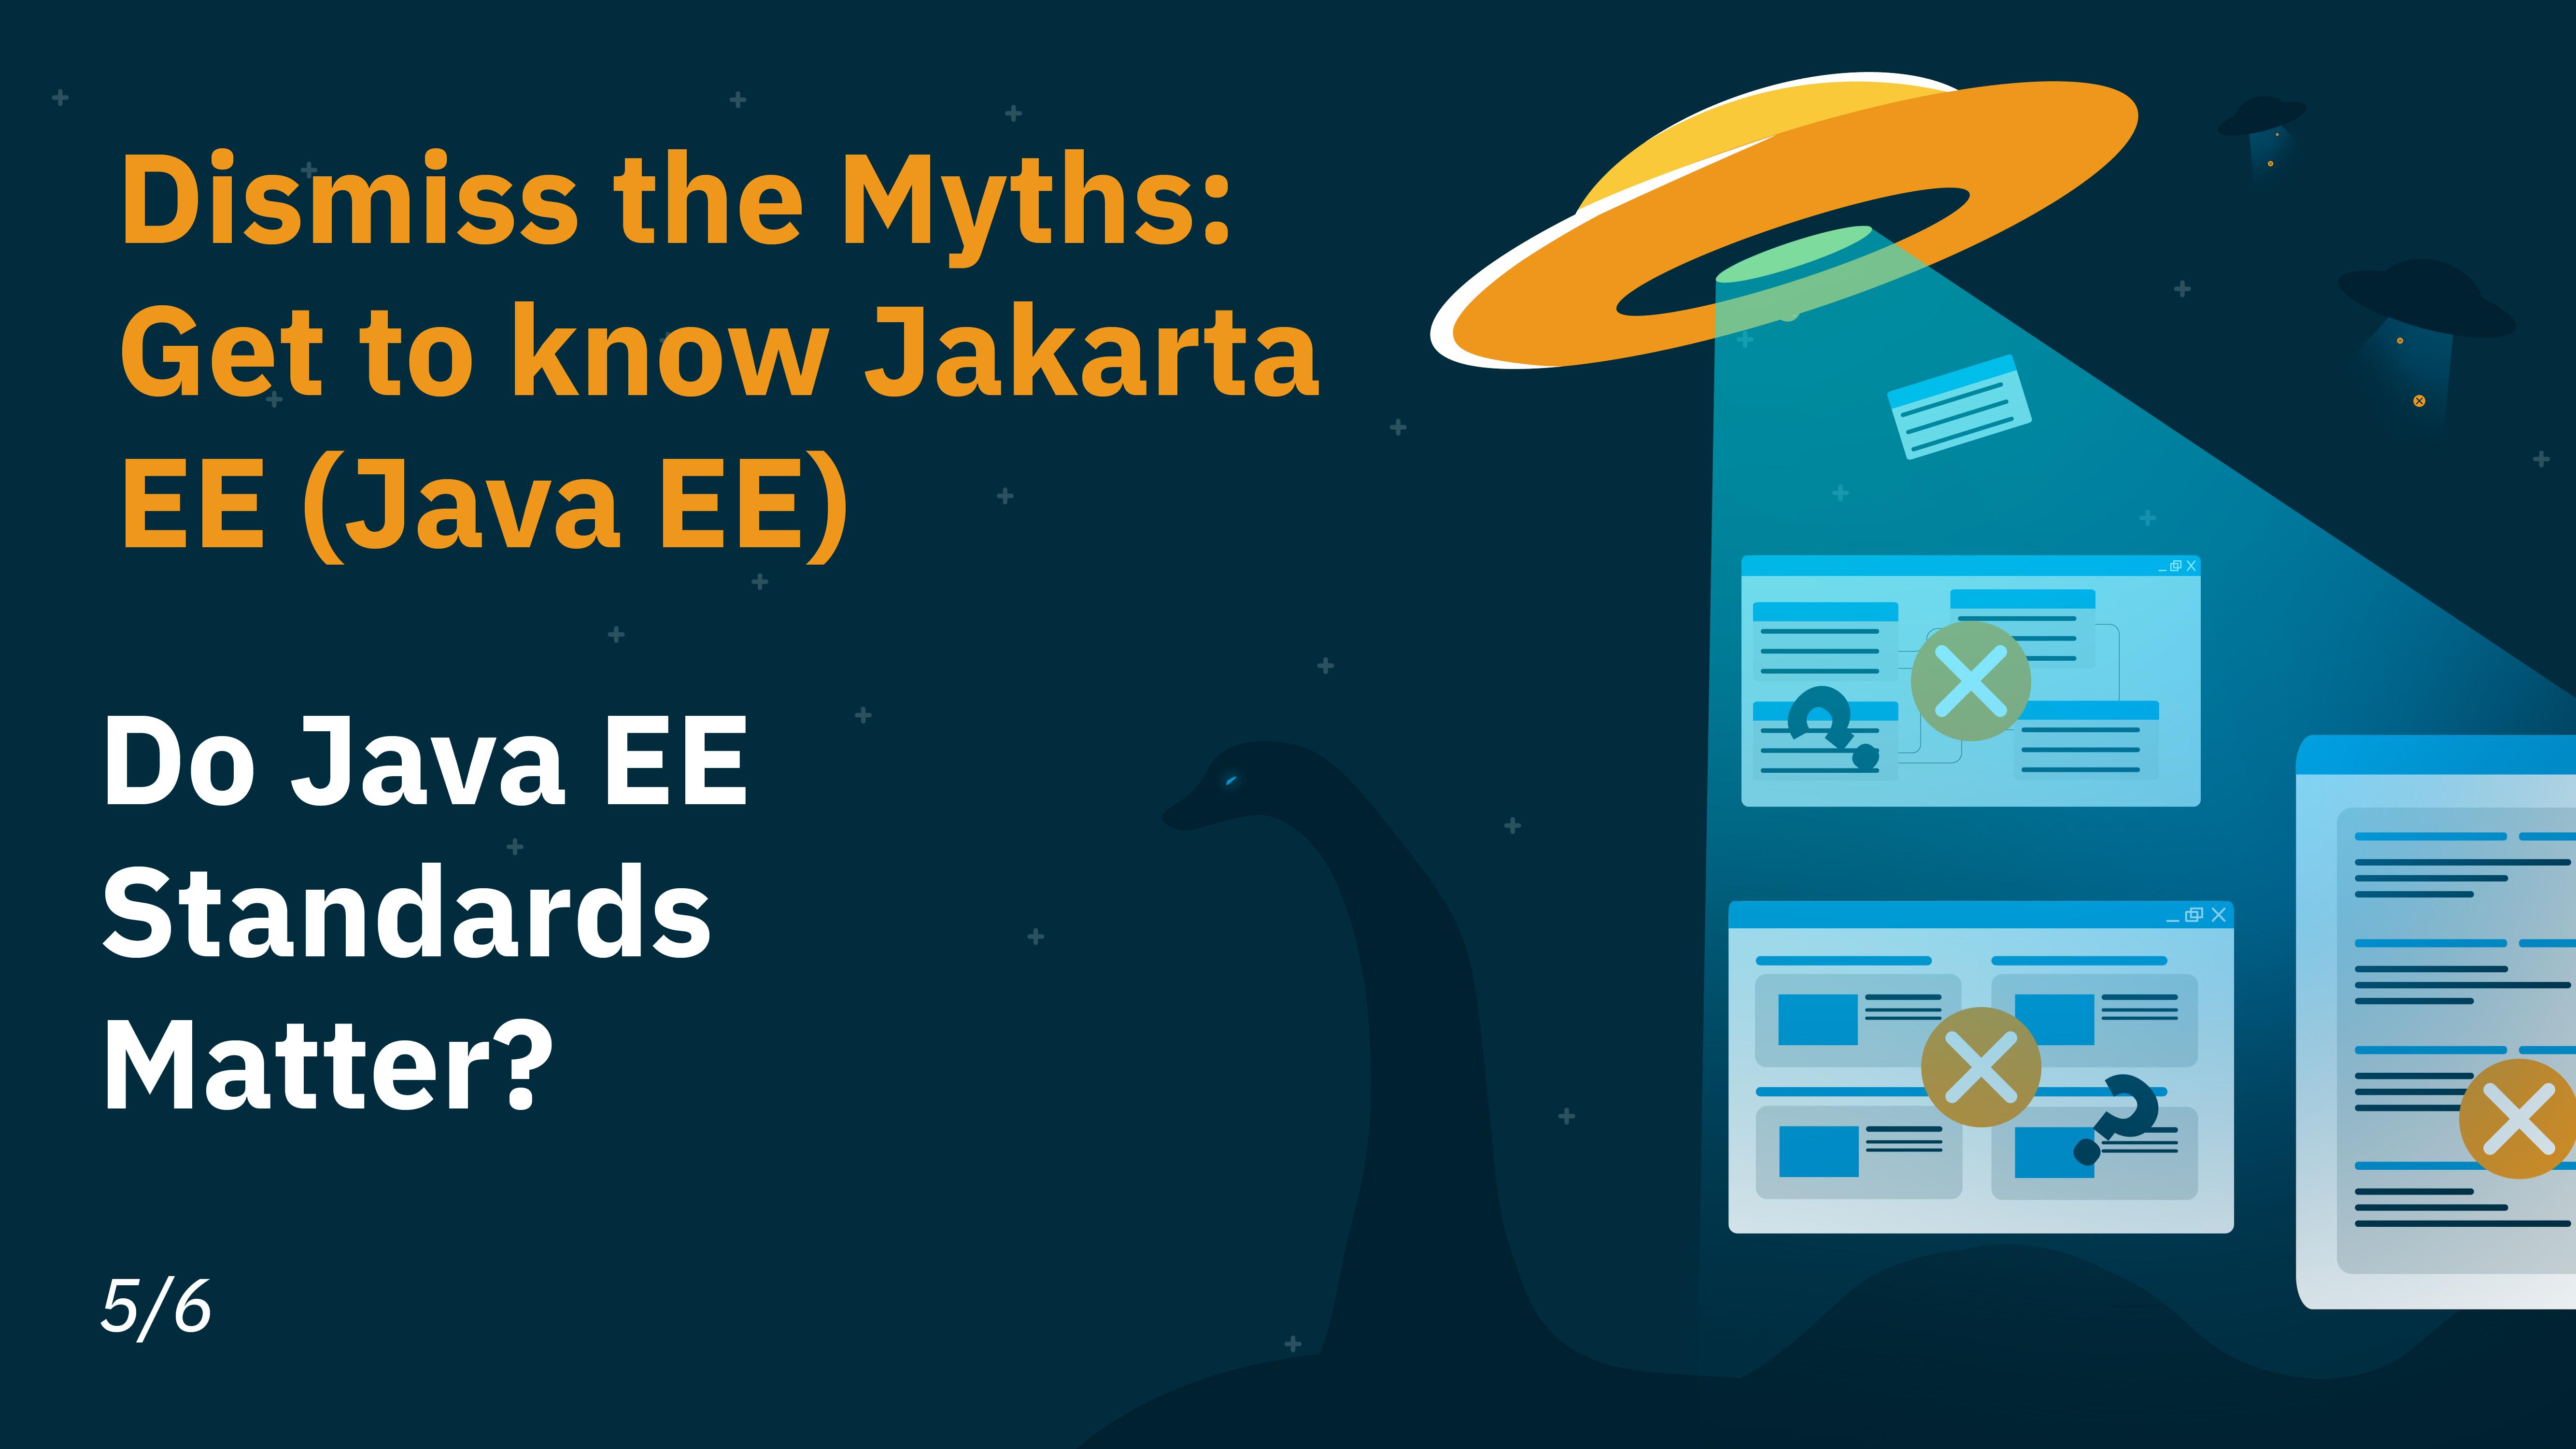 Do Java EE Standards Matter? Social image